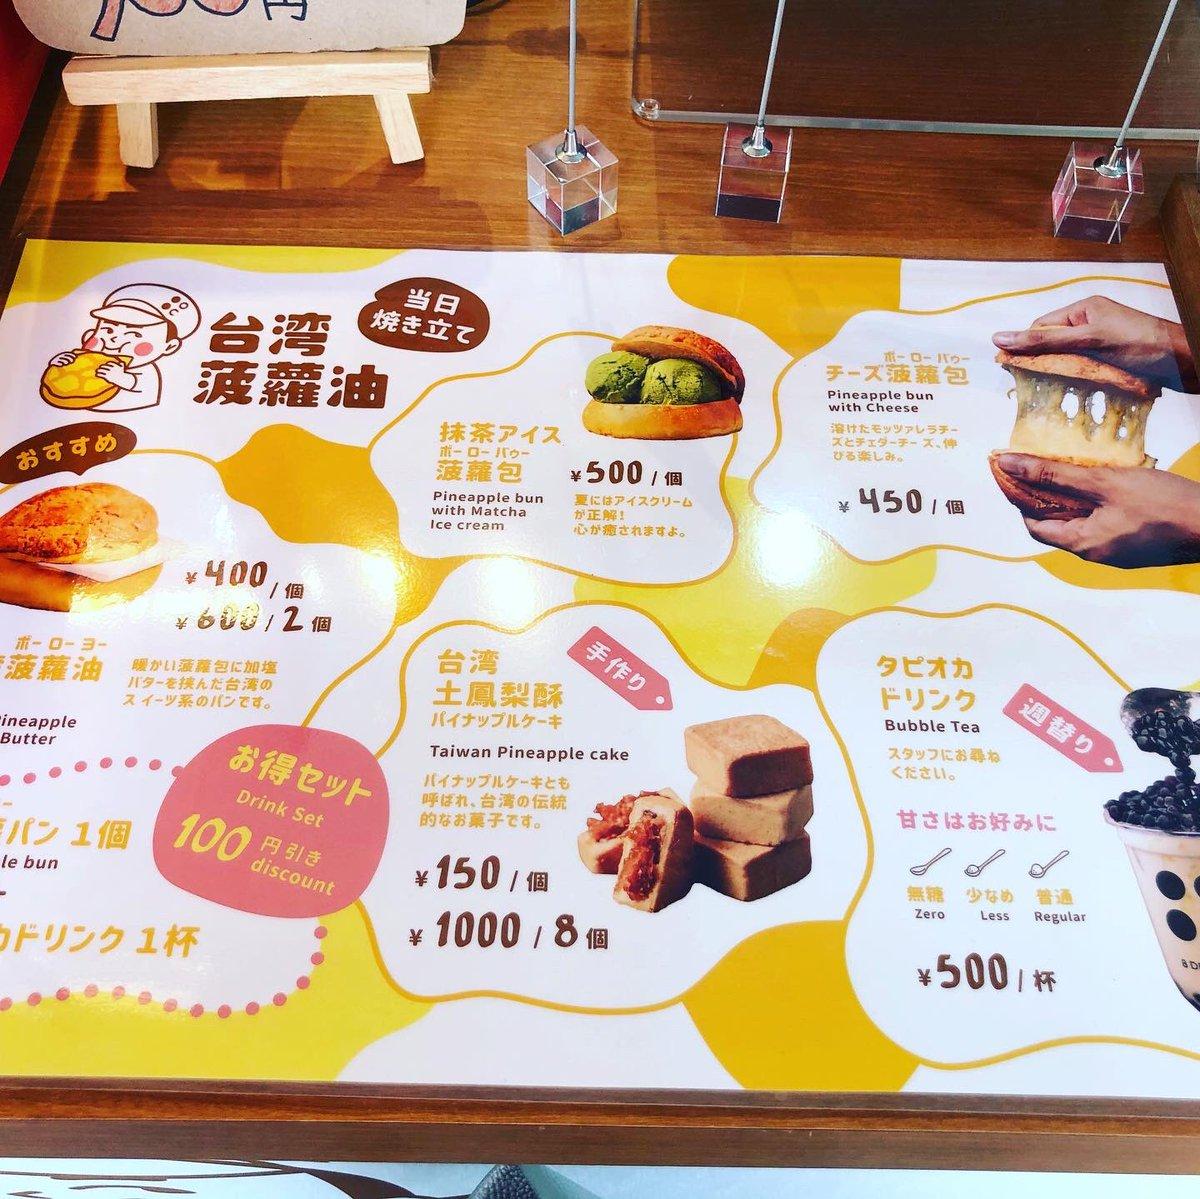 話題の「台湾菠蘿油」浅草に出店!これは買いに行かなきゃ!